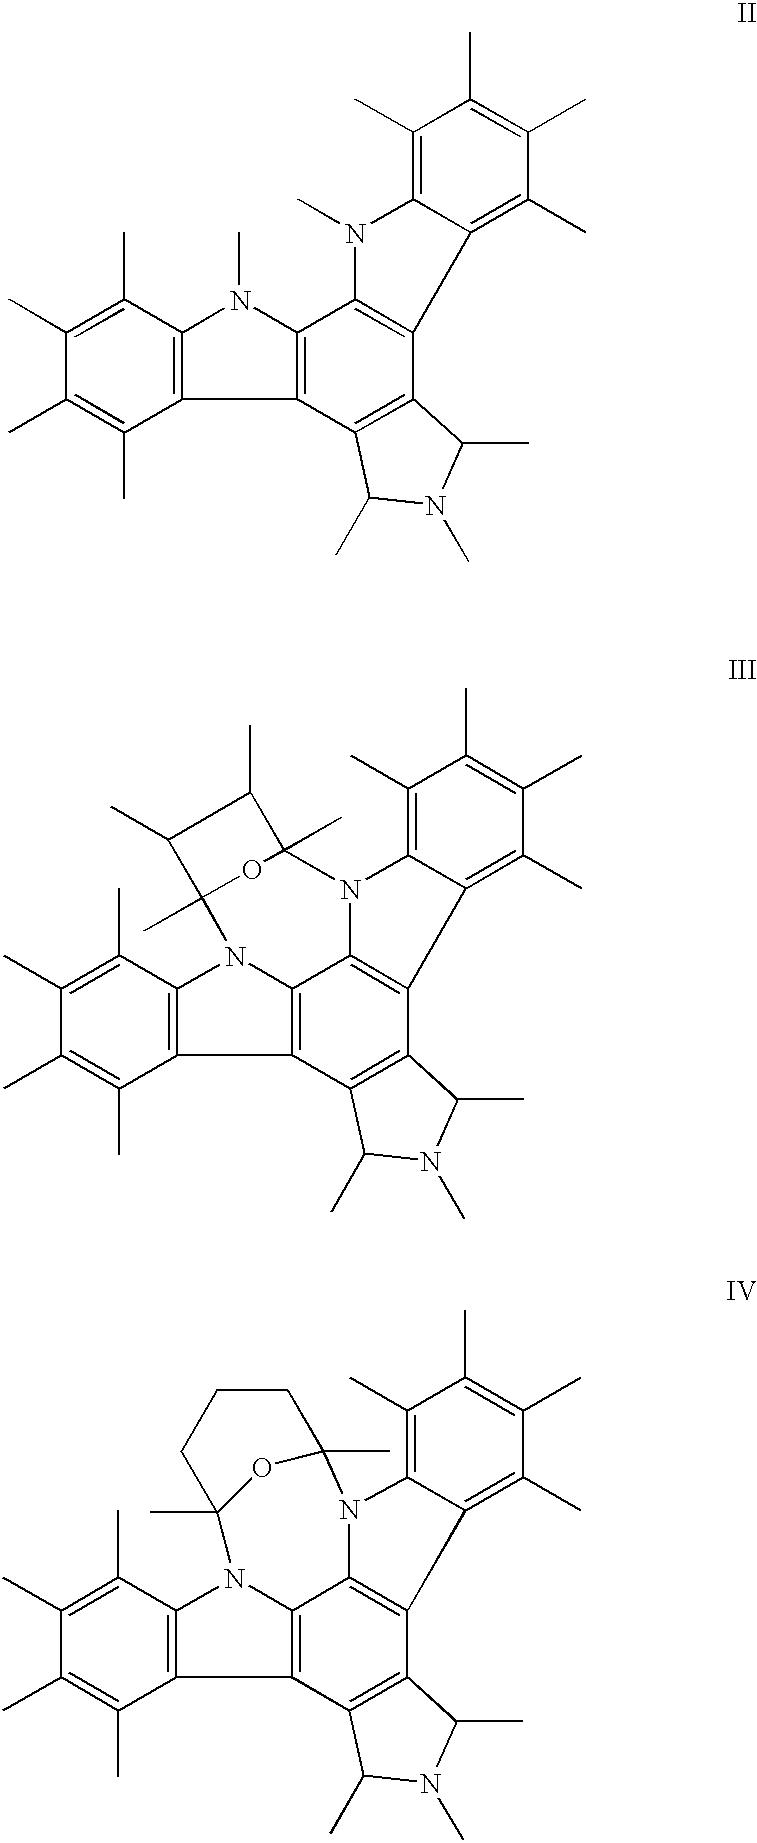 Figure US20030083733A1-20030501-C00002